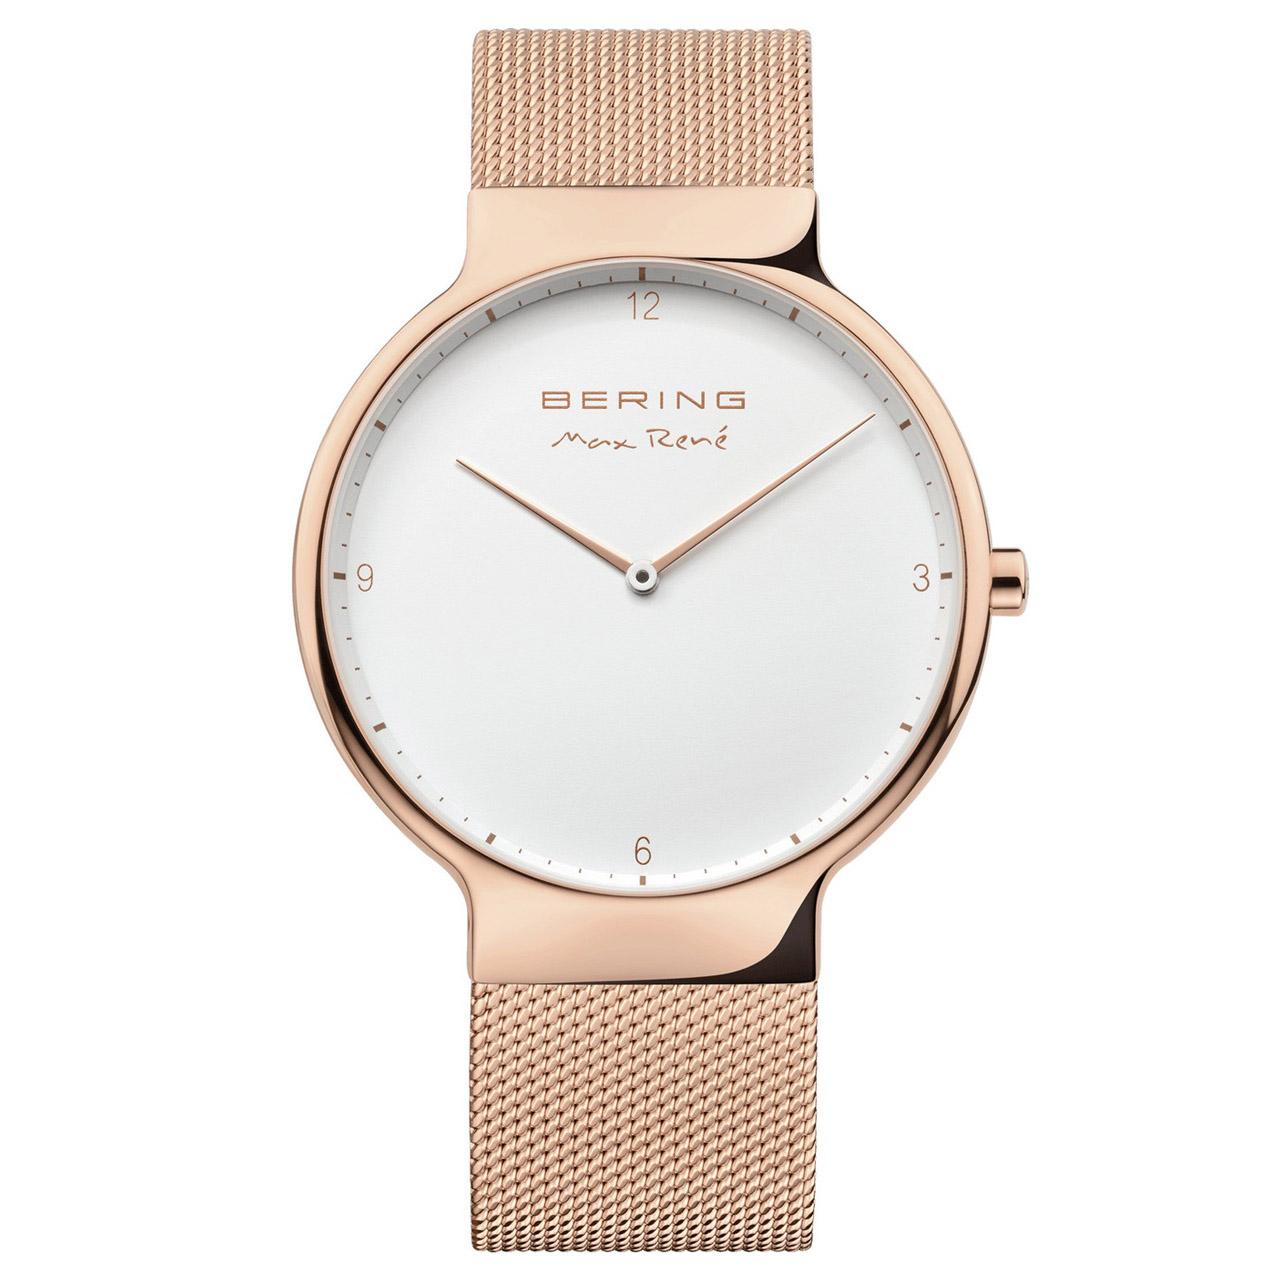 ساعت مچی عقربه ای مردانه برینگ مدل b15540-364